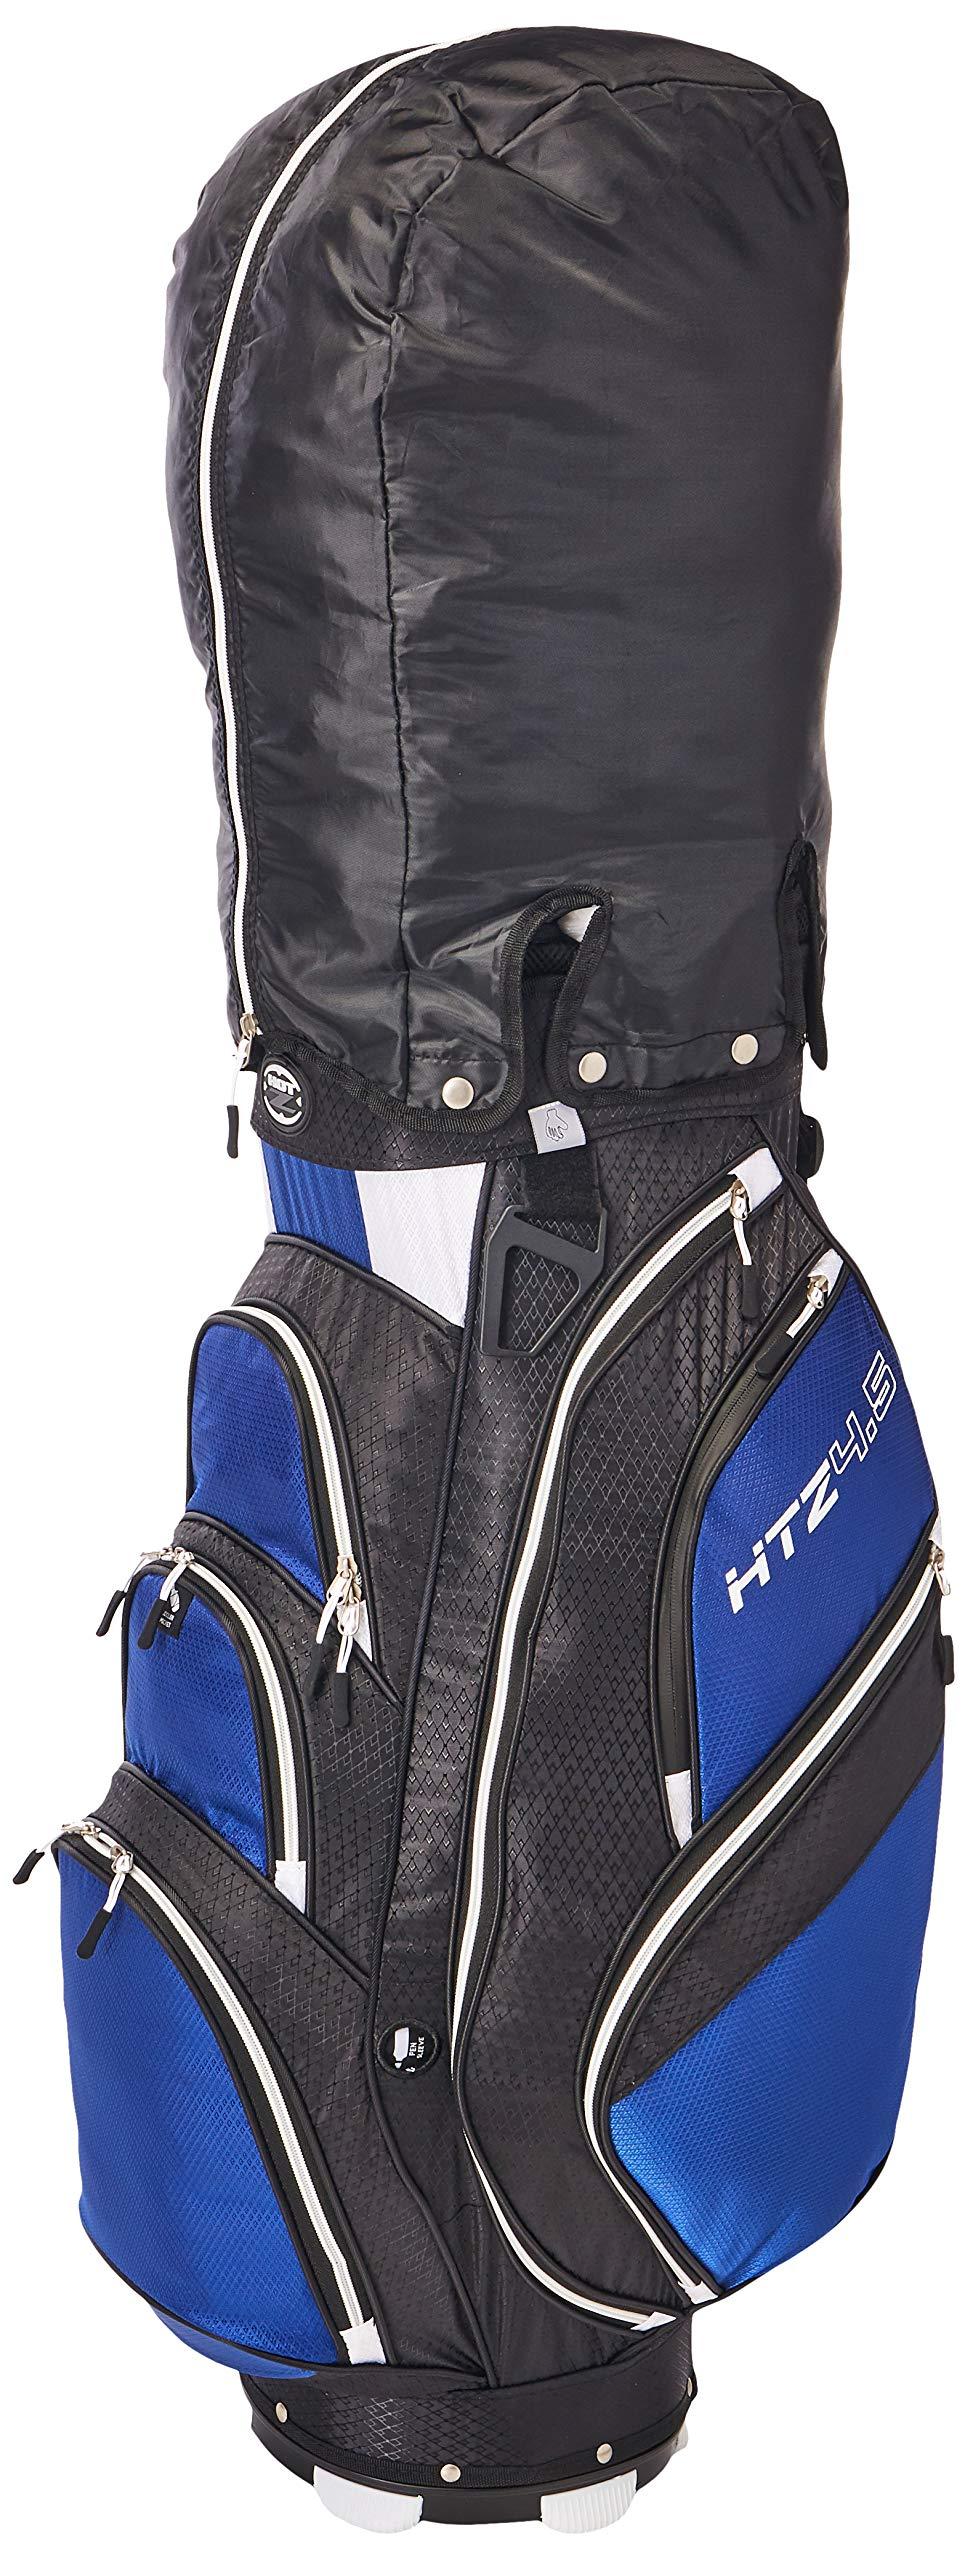 Hot-Z Golf 4.5 Cart Bag, Black/Cobalt